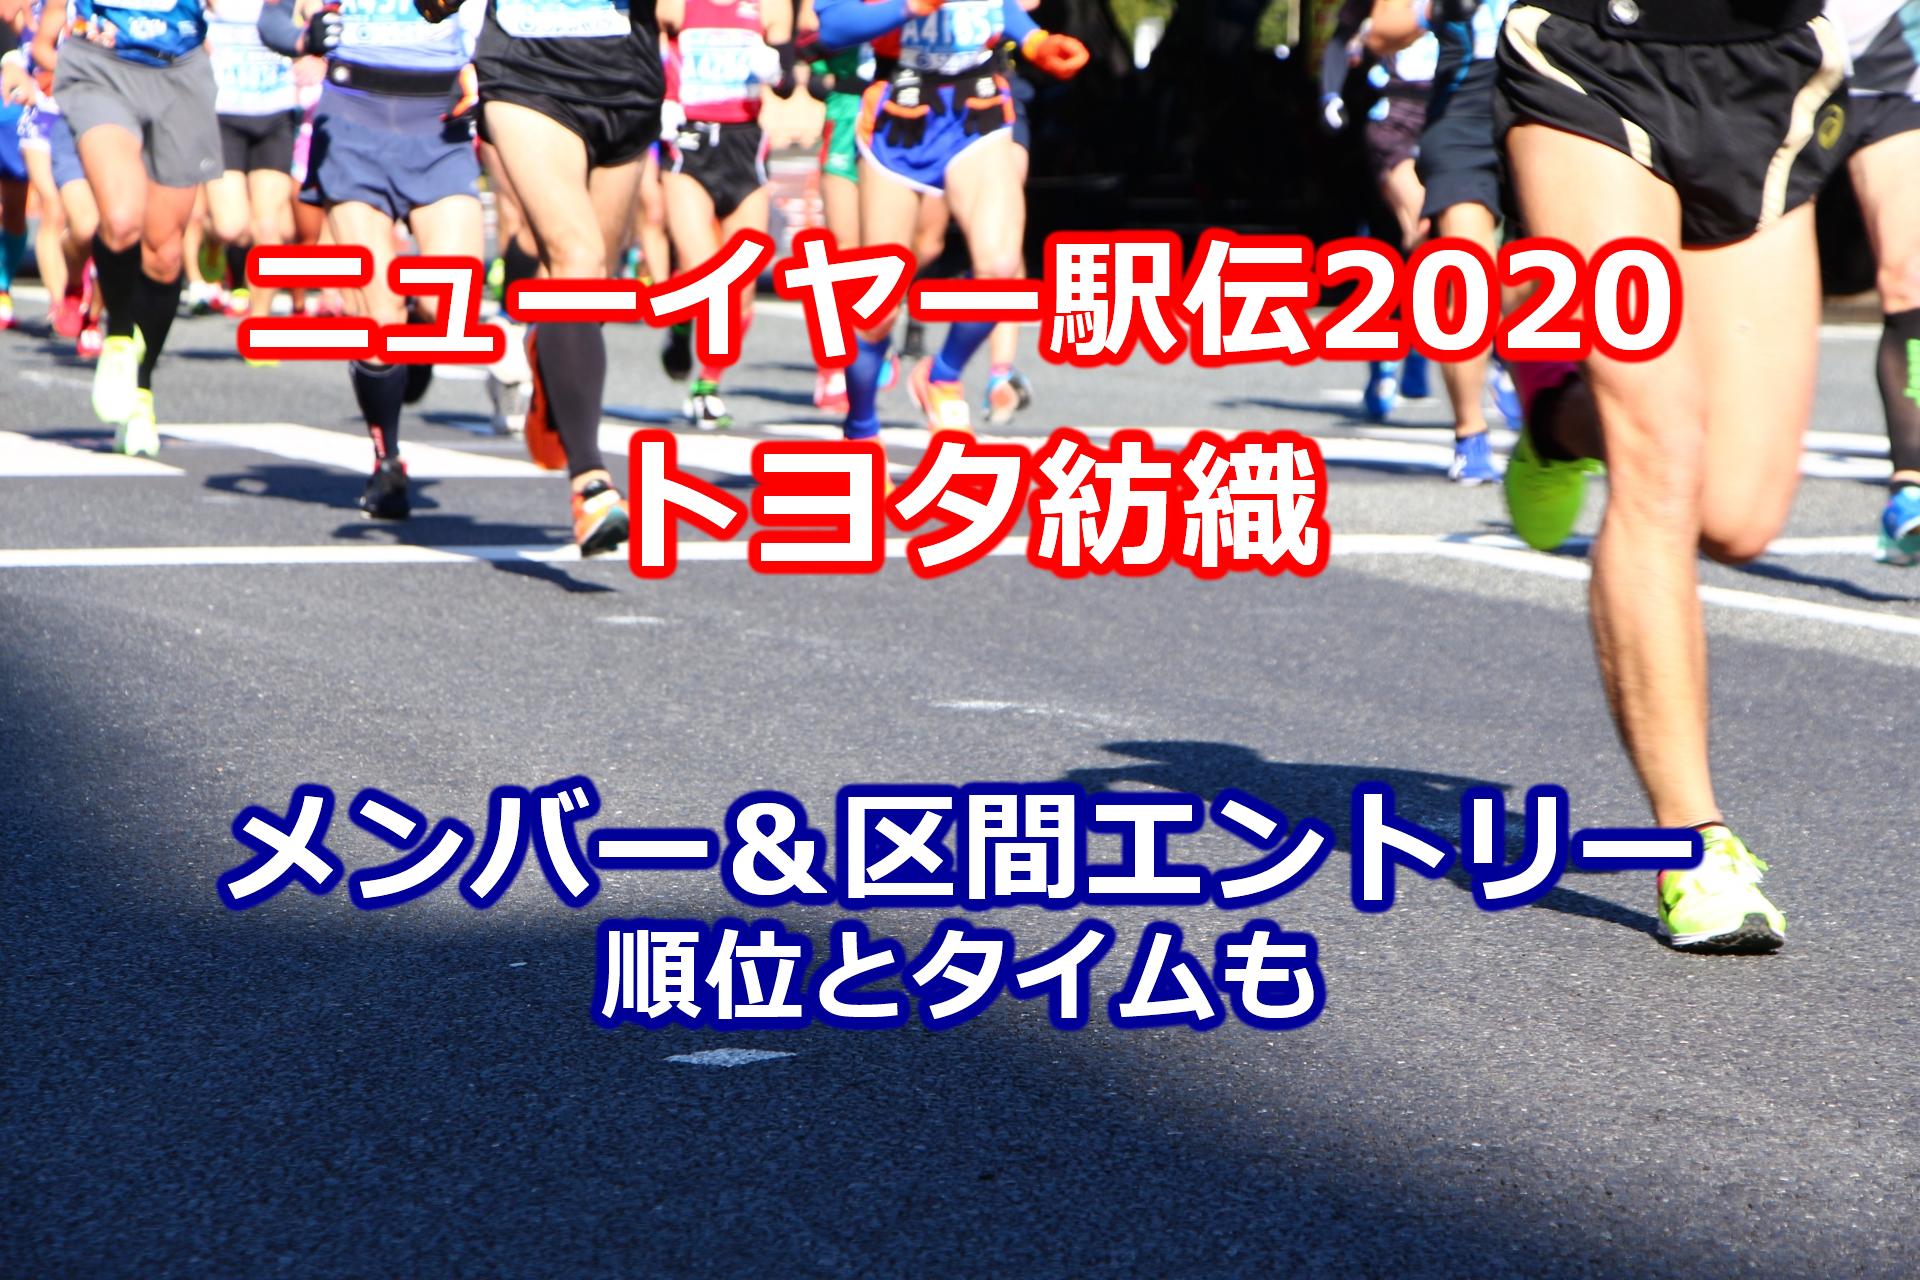 ニューイヤー駅伝2020トヨタ紡織メンバー・区間エントリー・結果・順位・タイムまとめ